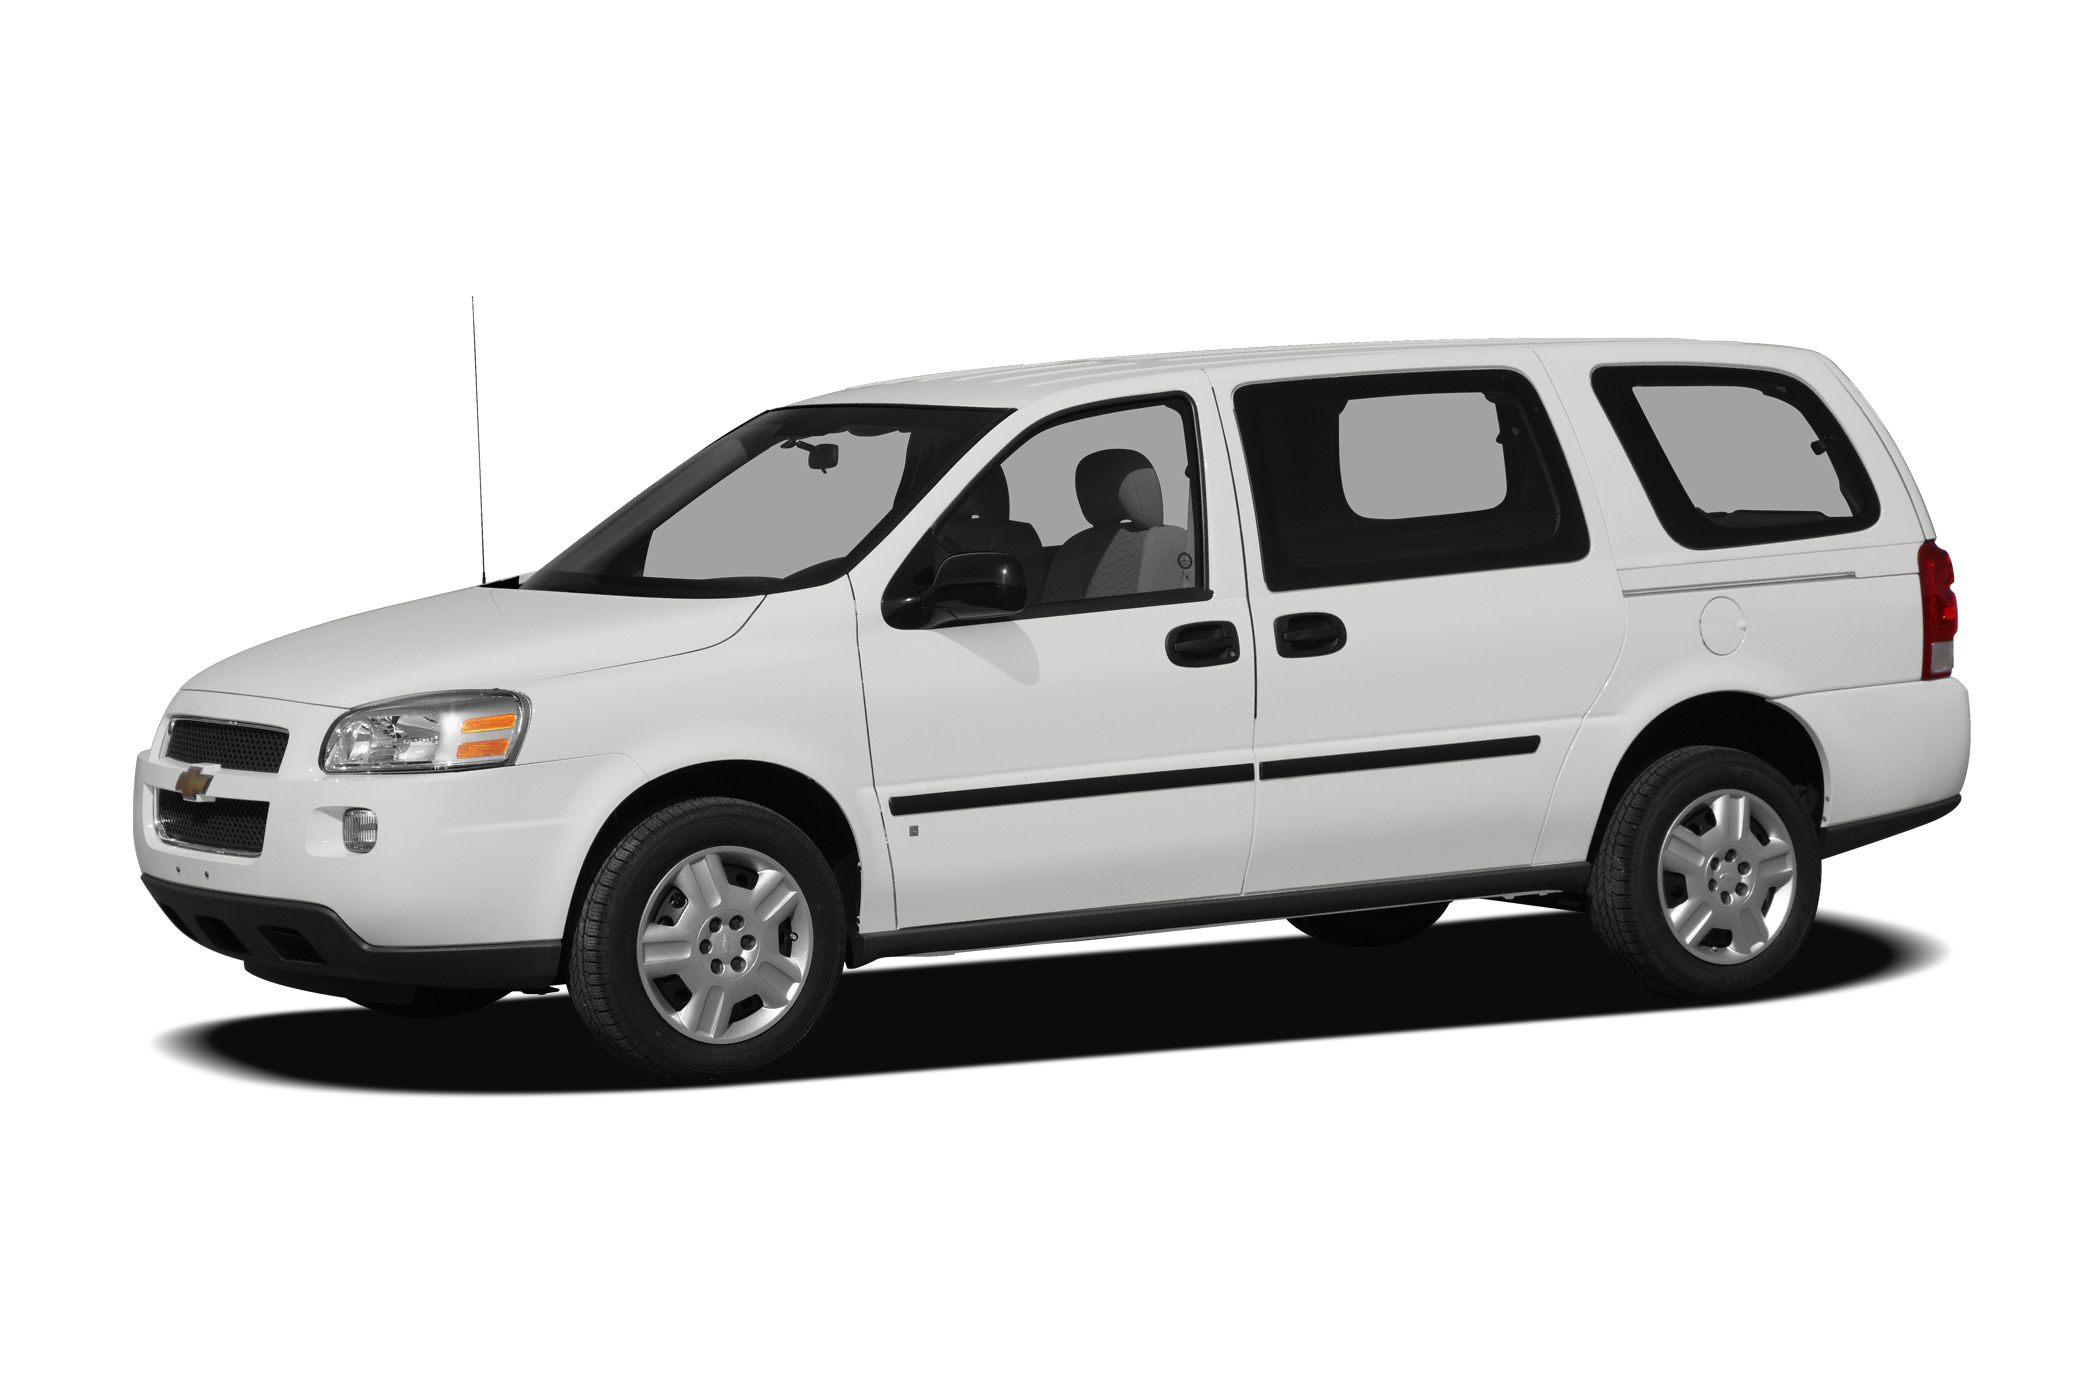 2008 Chevrolet Uplander Cargo Van Minivan for sale in Batesville for $0 with 173,395 miles